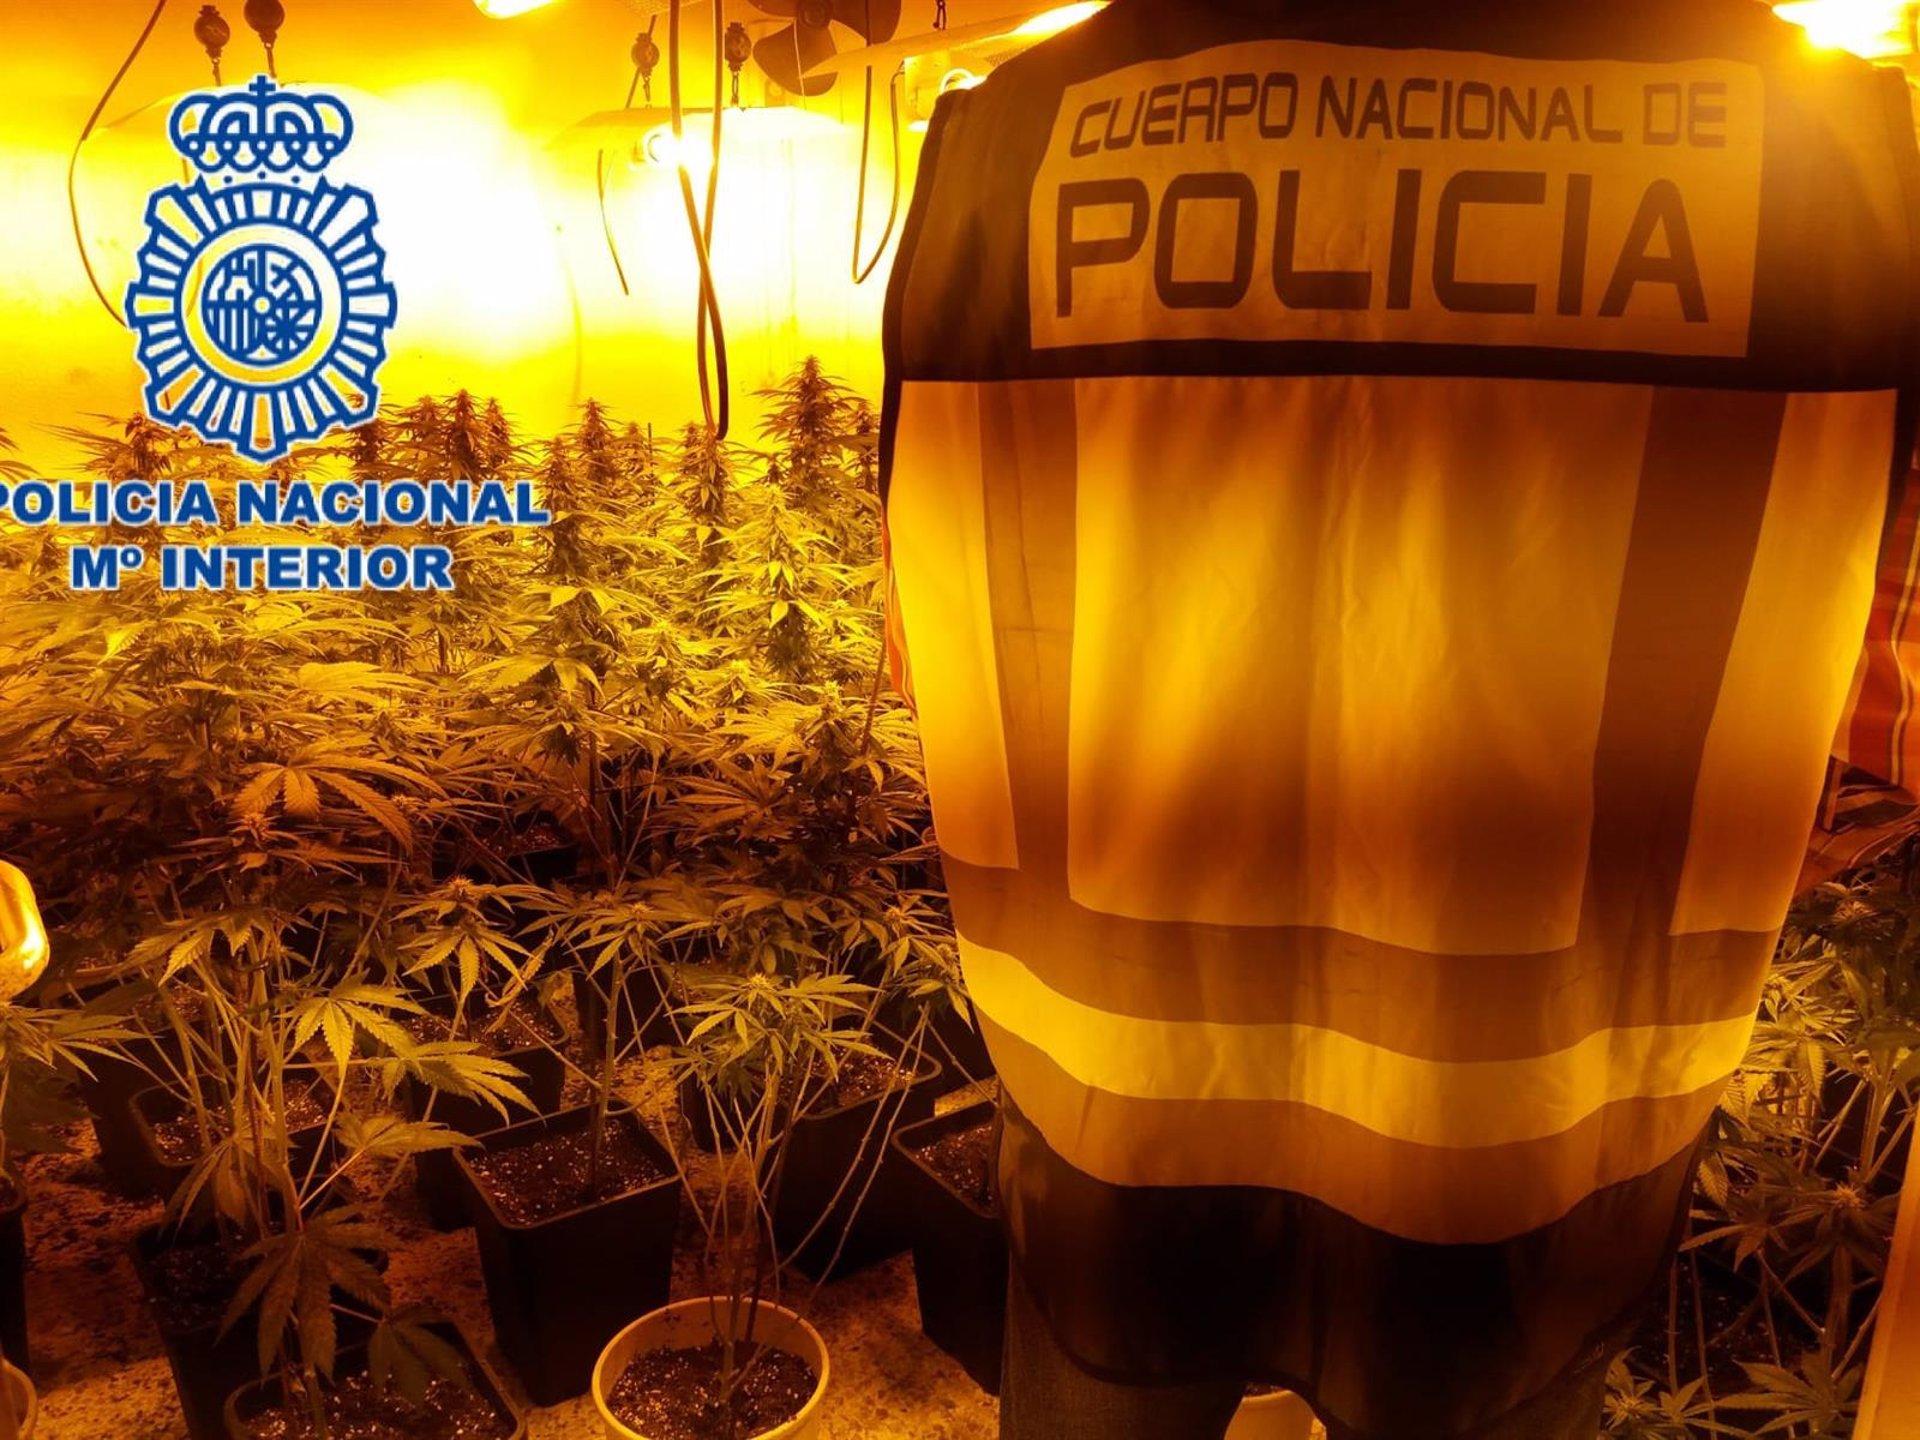 La policía incauta mil plantas de marihuana en un operativo contra la droga en Molino Nuevo